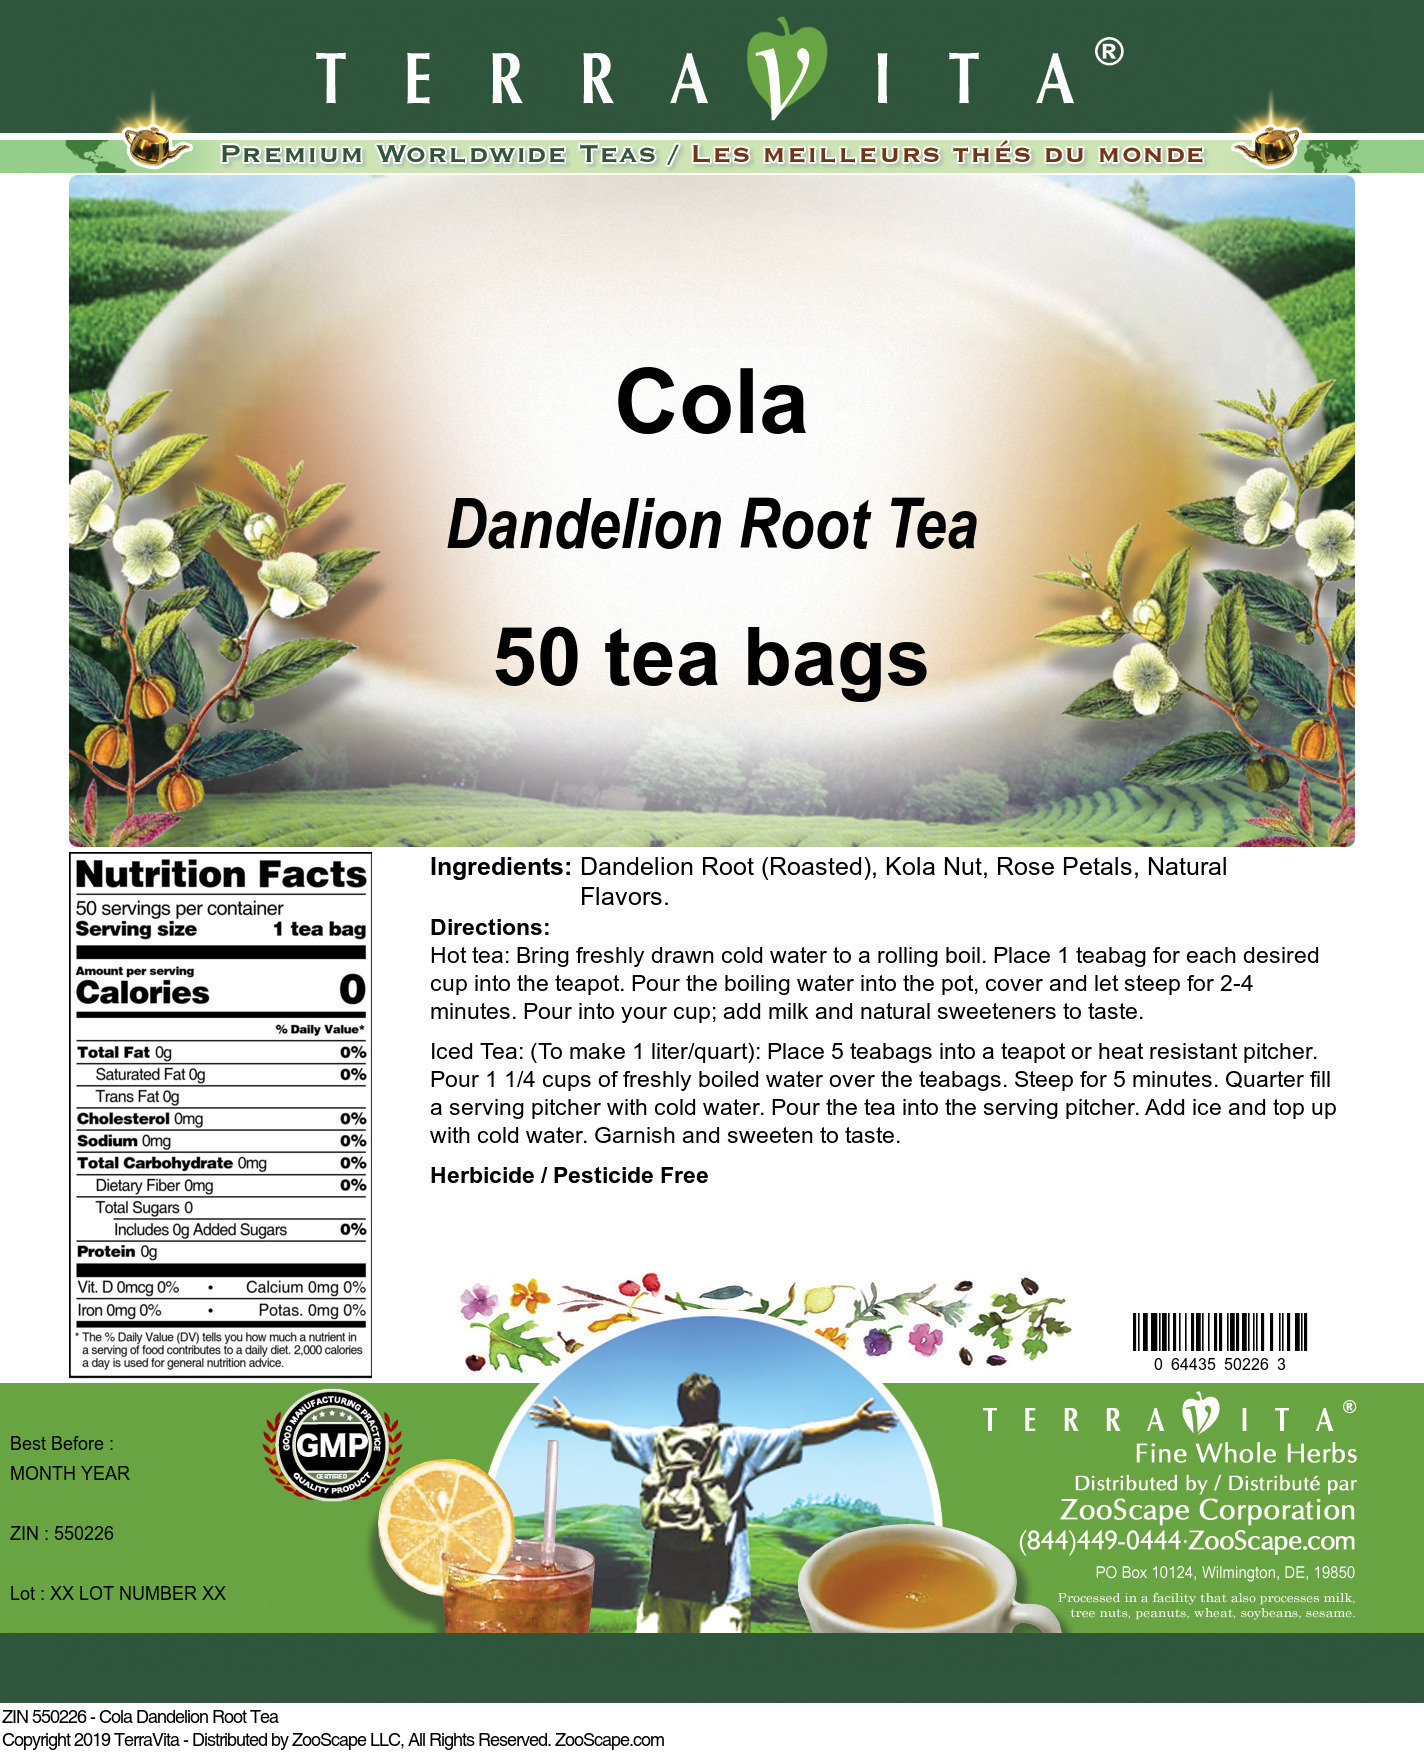 Cola Dandelion Root Tea